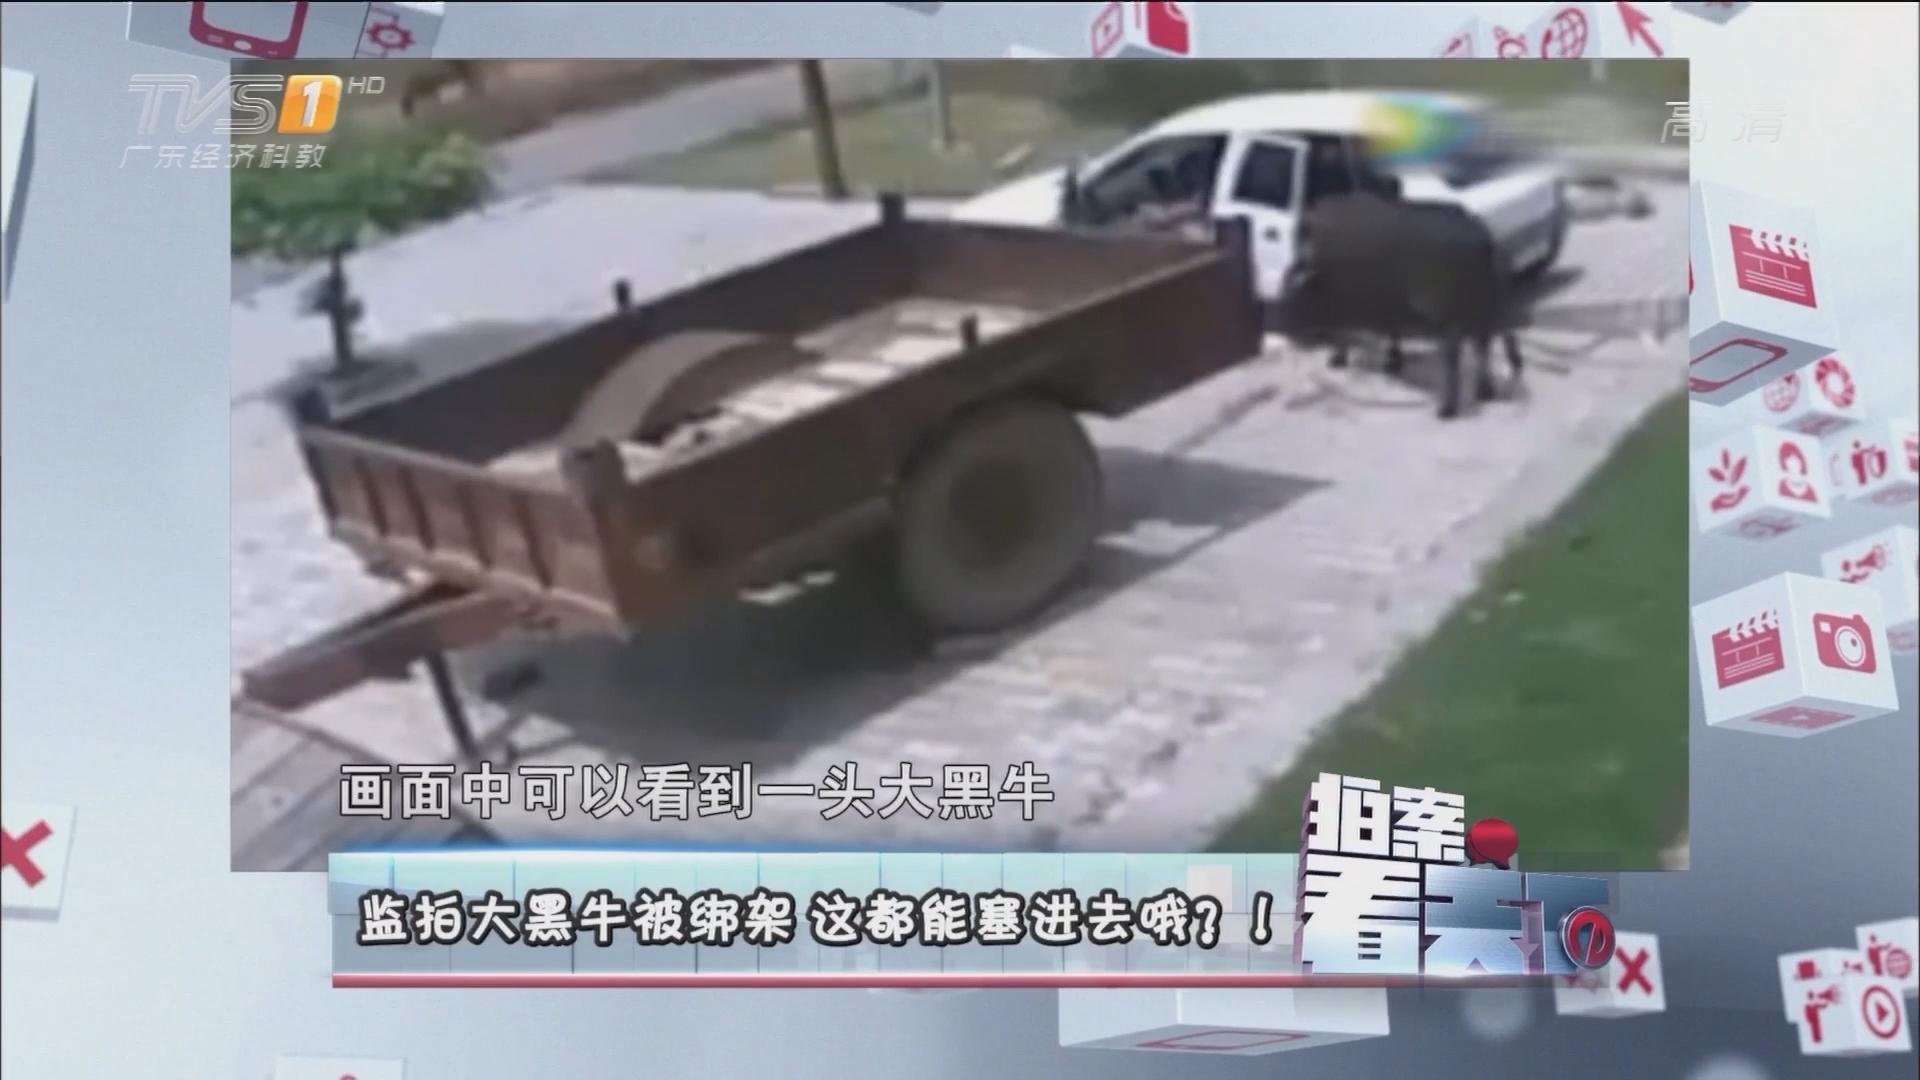 监拍大黑牛被绑架 这都能塞进去哦?!